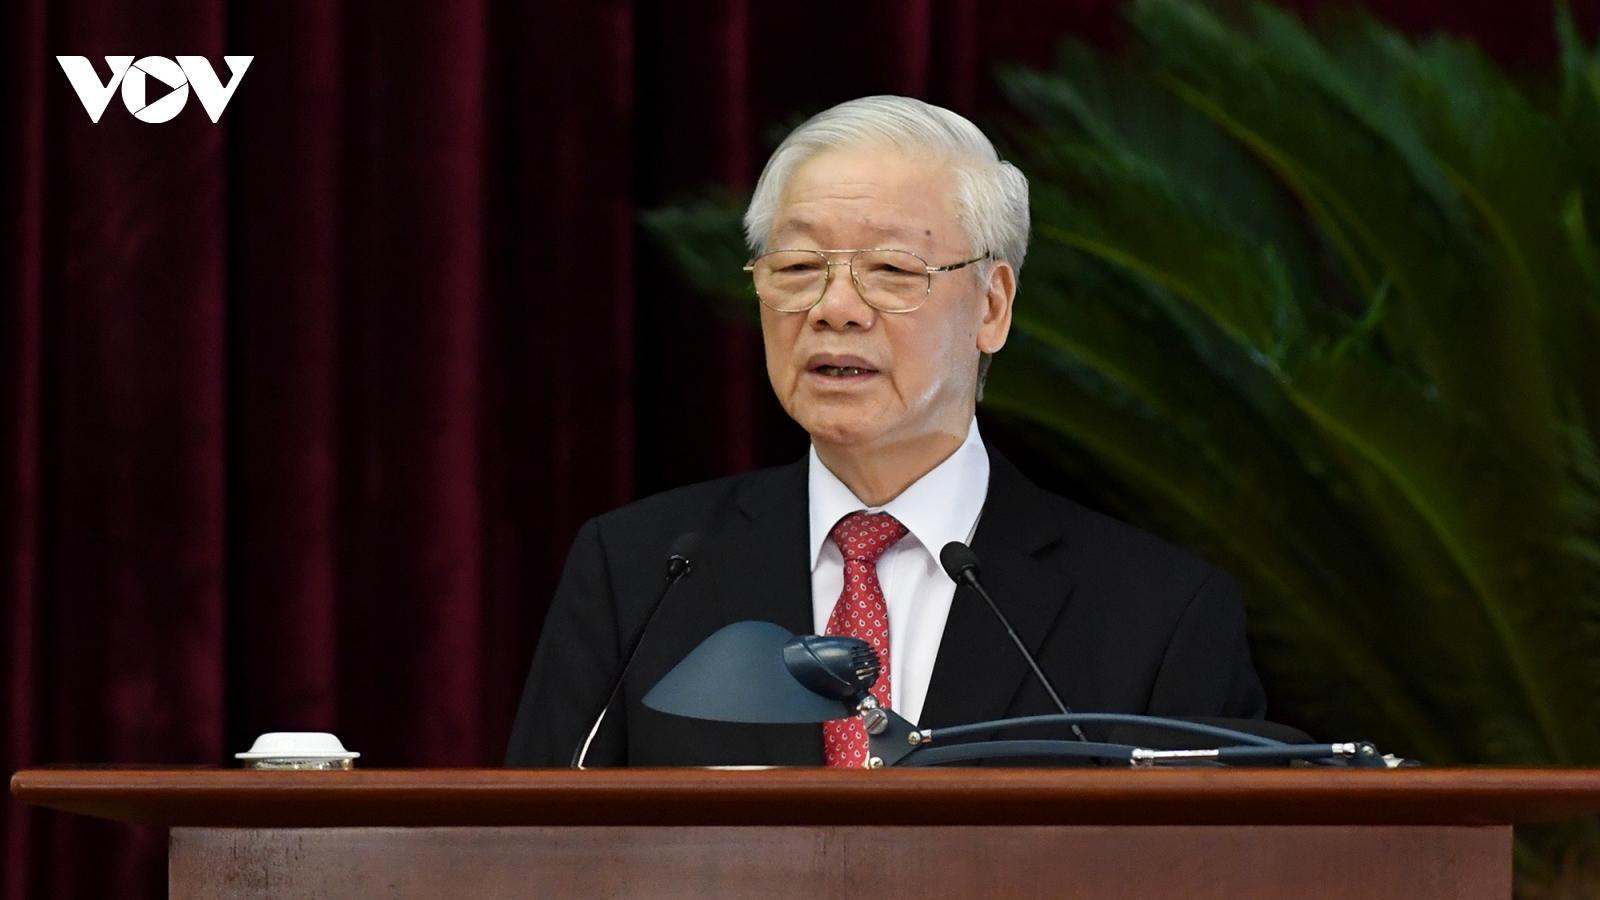 Toàn văn phát biểu bế mạc Hội nghị Trung ương 3 của Tổng Bí thư Nguyễn Phú Trọng